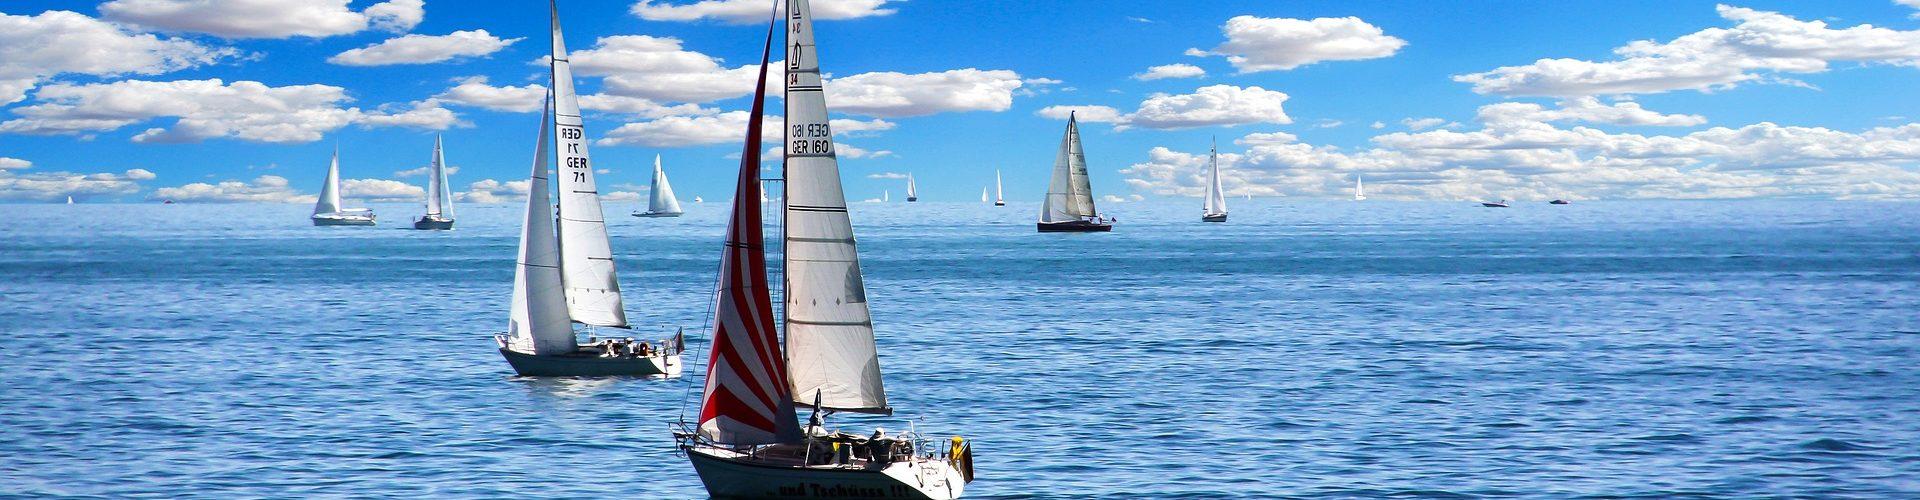 segeln lernen in Reisbach segelschein machen in Reisbach 1920x500 - Segeln lernen in Reisbach